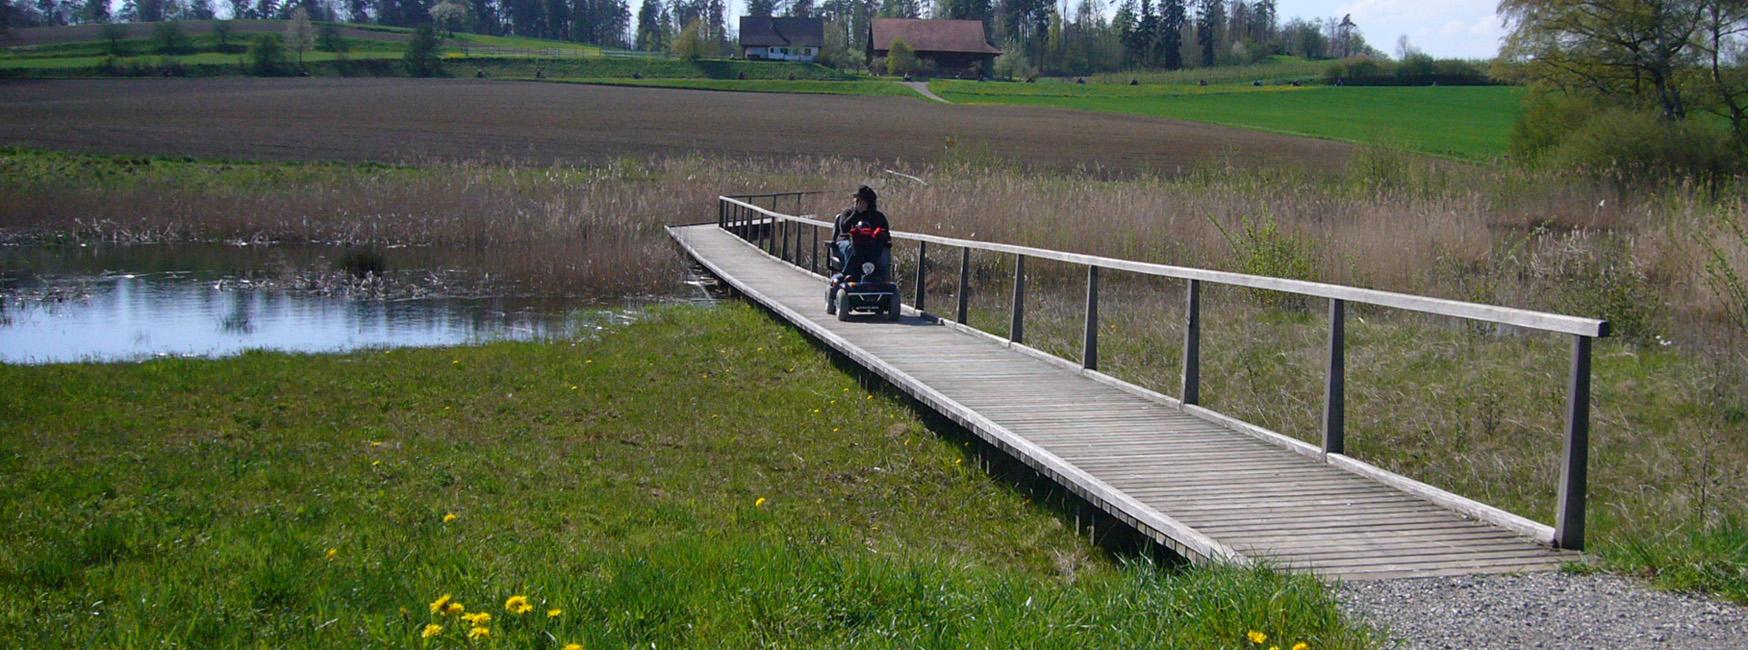 Holzsteg über Sumpfgebiet mit Wanderin im Rollstuhl